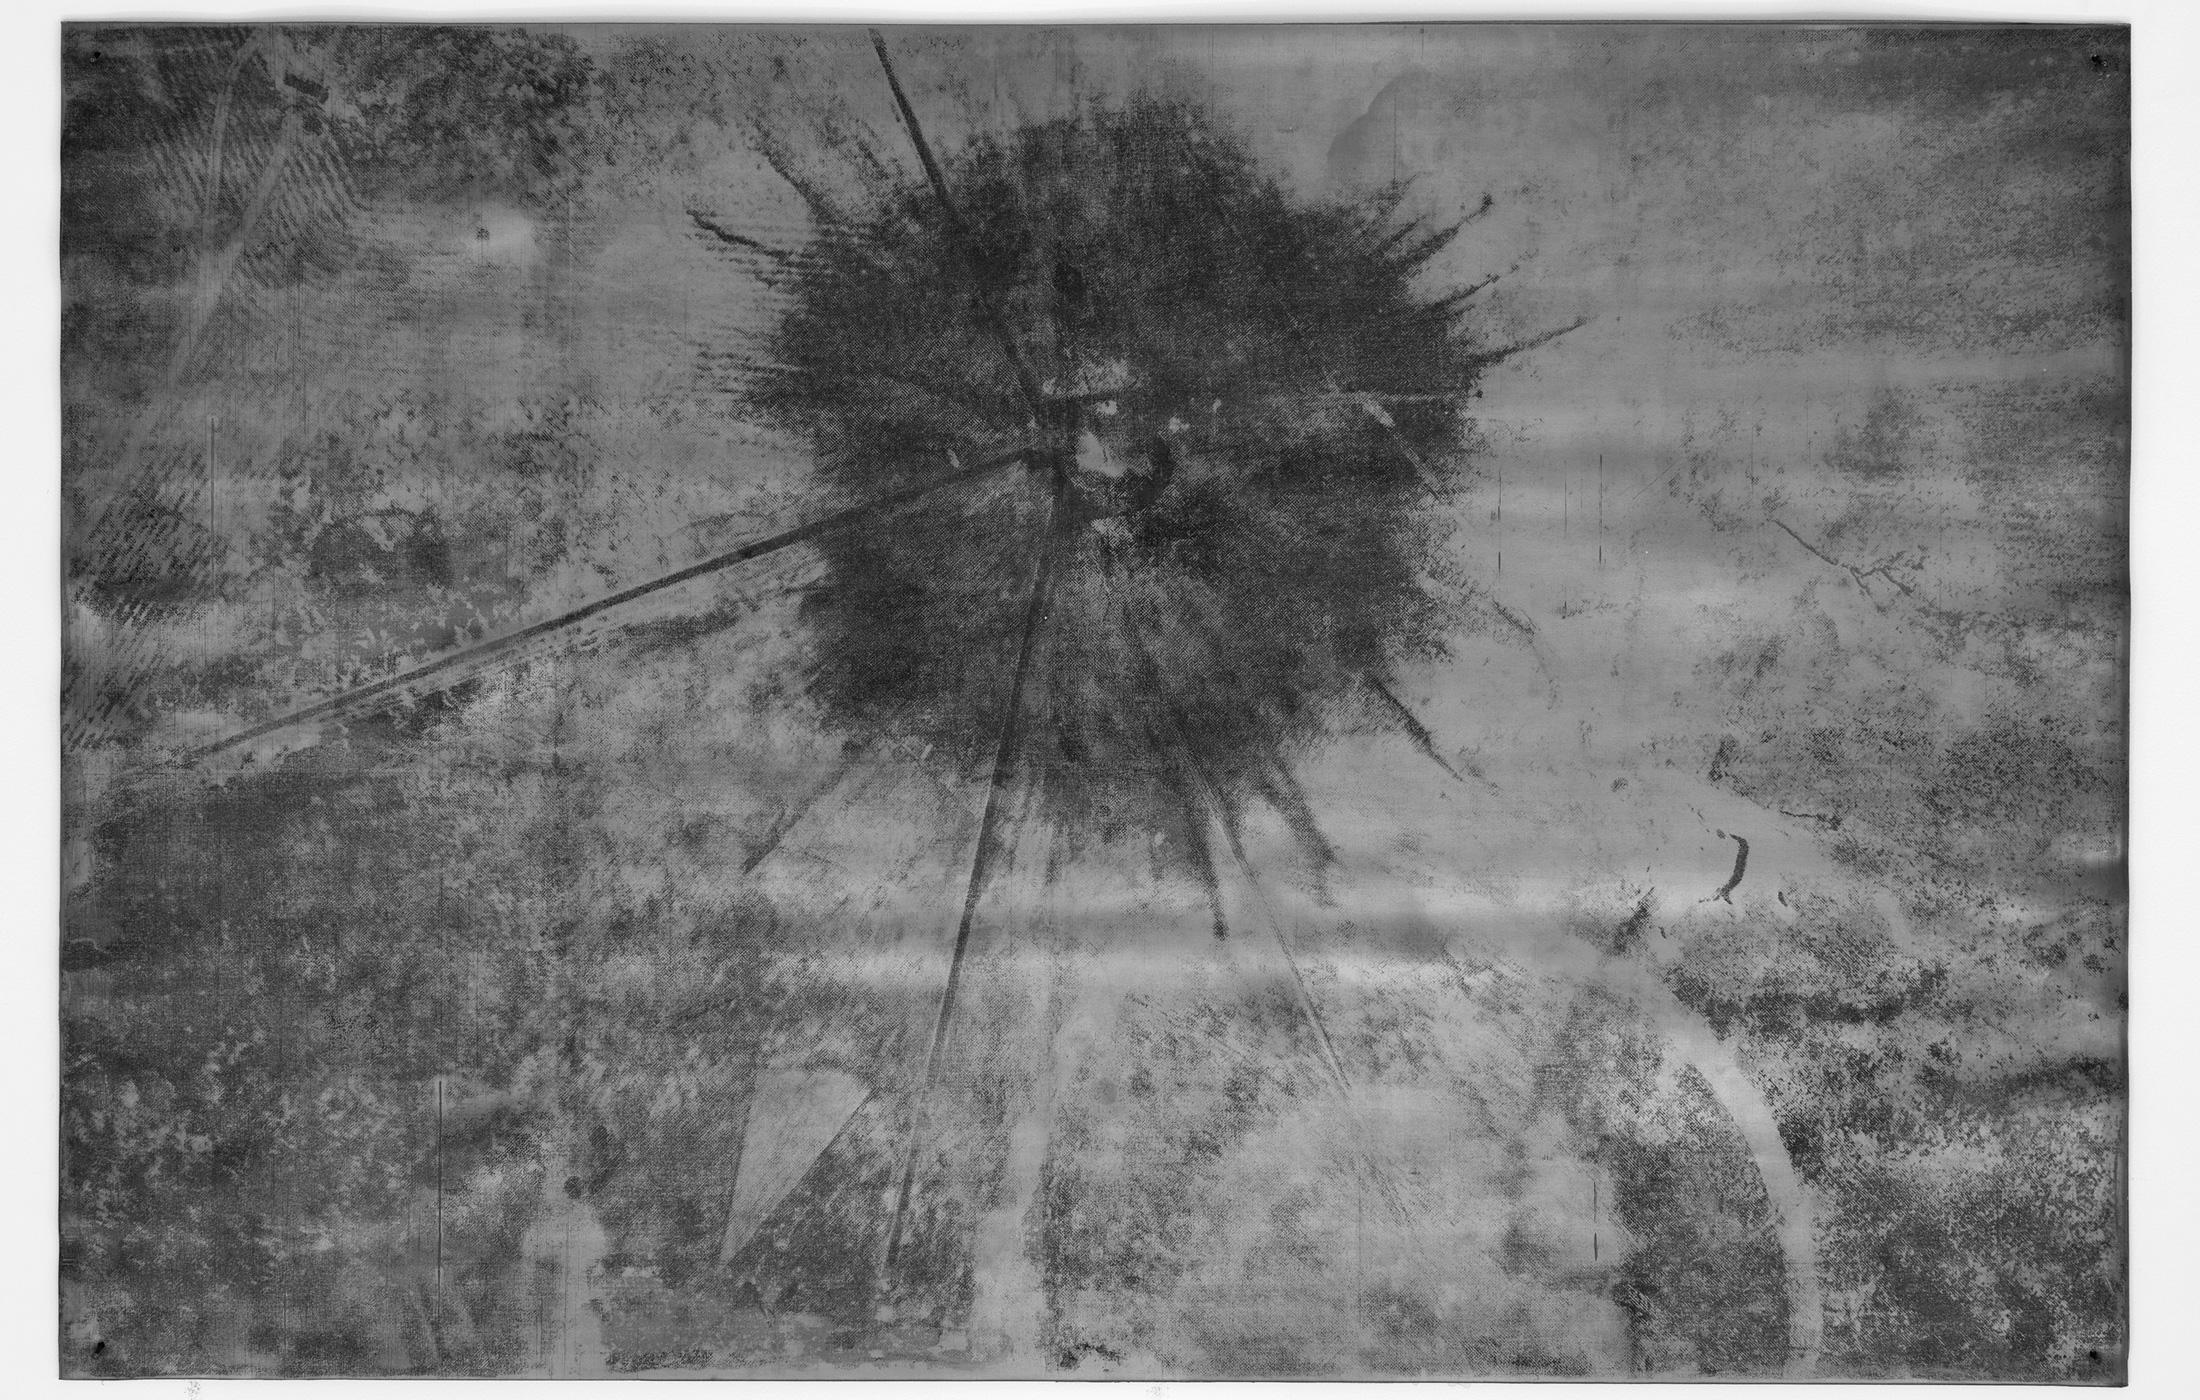 Het kunstwerk 'Trinity Test' van Maarten Vanden Eynde